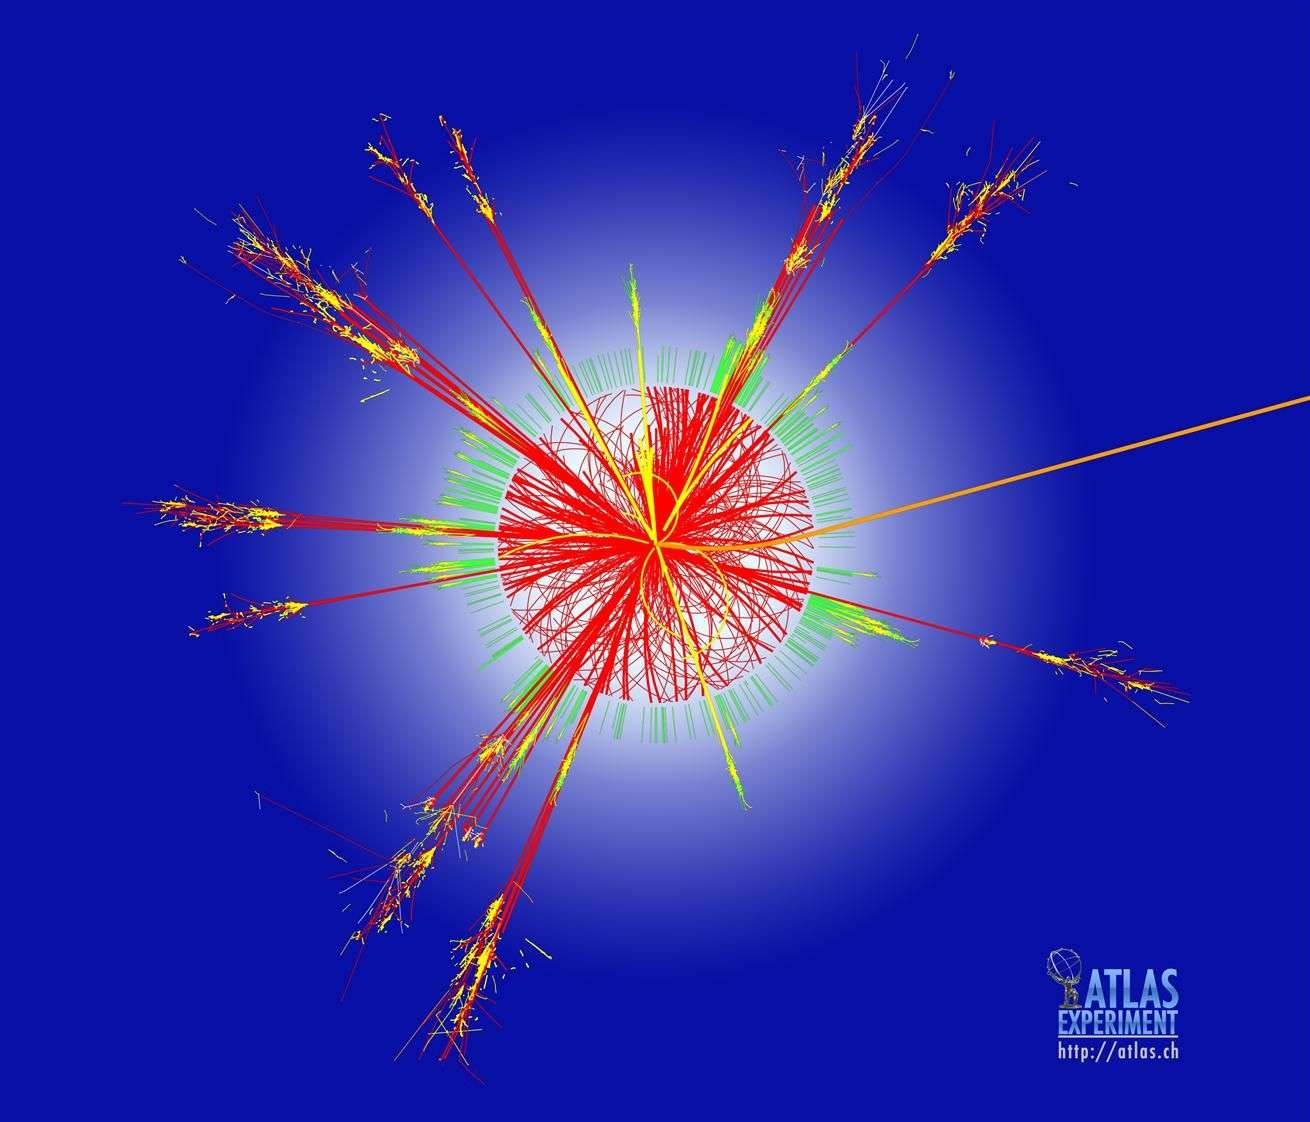 Cette trace est un exemple des simulations des réactions issues de collisions de protons dans le détecteur Atlas du Grand collisionneur de hadrons (LHC) au Cern. Ces traces seraient produites si un minitrou noir était créé. On le verrait alors en train de s'évaporer presque instantanément en particules variées par le biais d'un processus connu sous le nom de rayonnement de Hawking. En l'occurrence, la signature de cette évaporation serait très nette avec des flux de leptons, de photons anormaux et des jets de quarks. © Cern